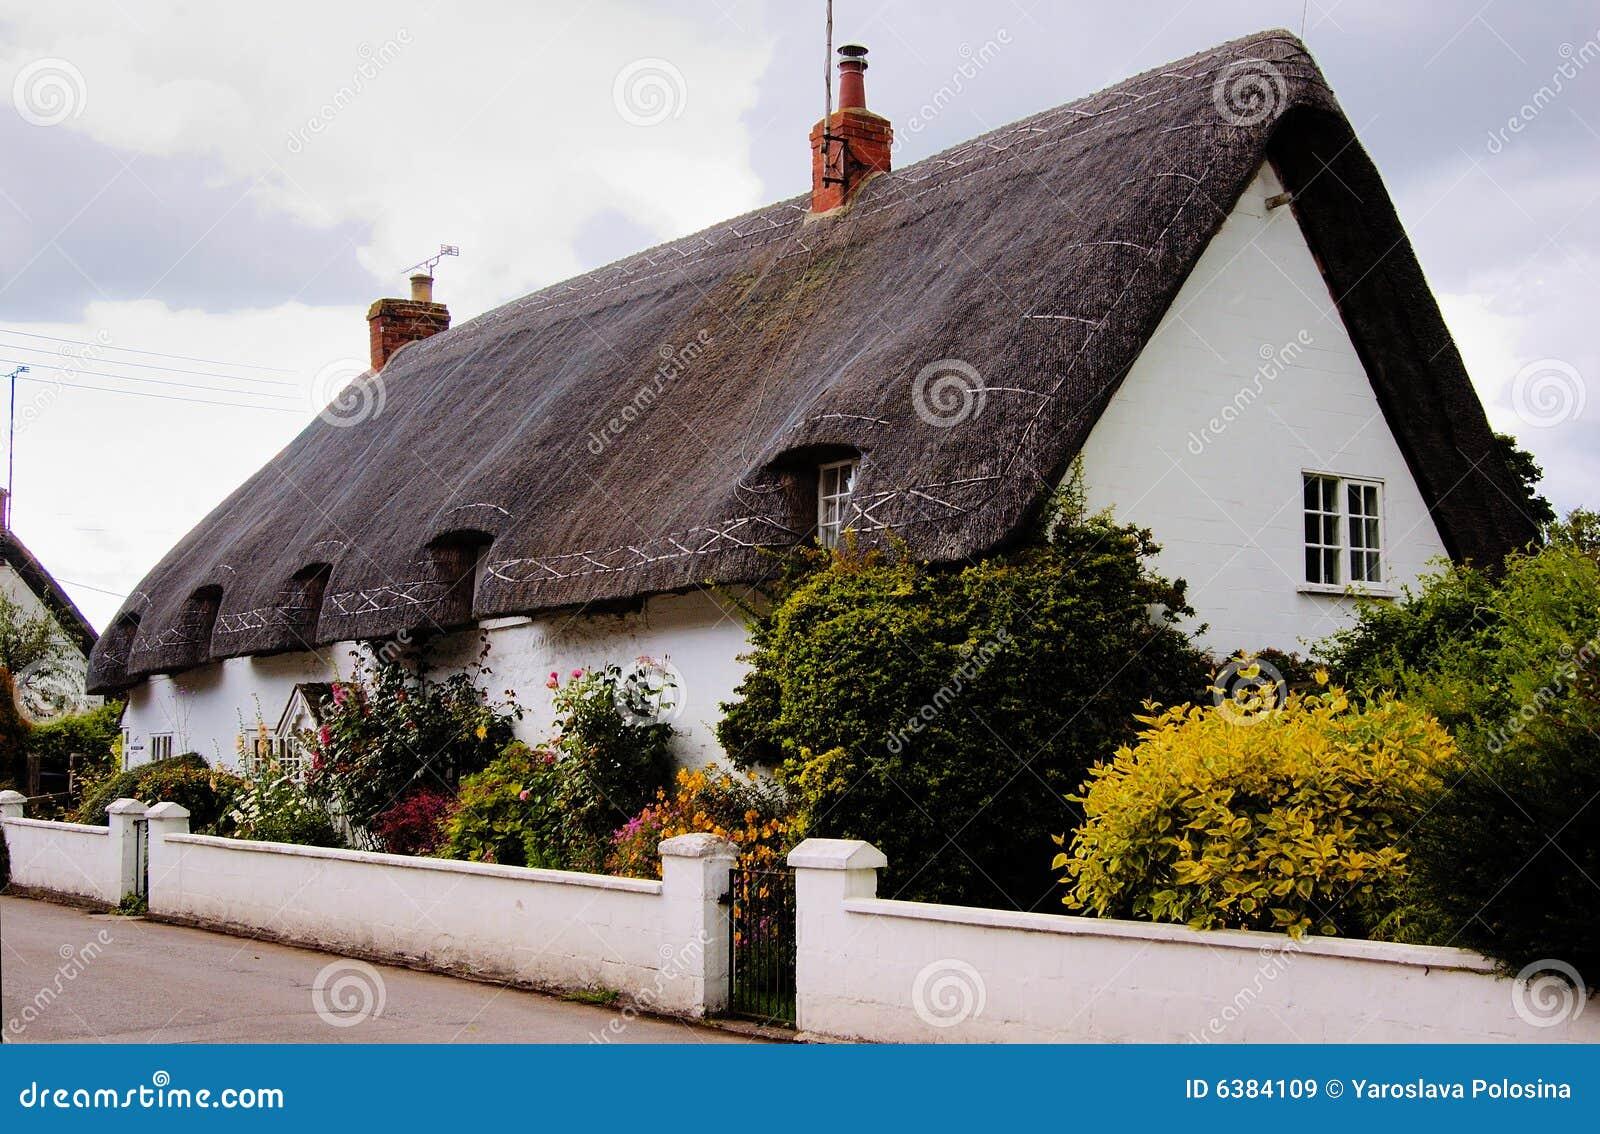 Casa inglese con il tetto della paglia immagine stock for Case inglesi foto